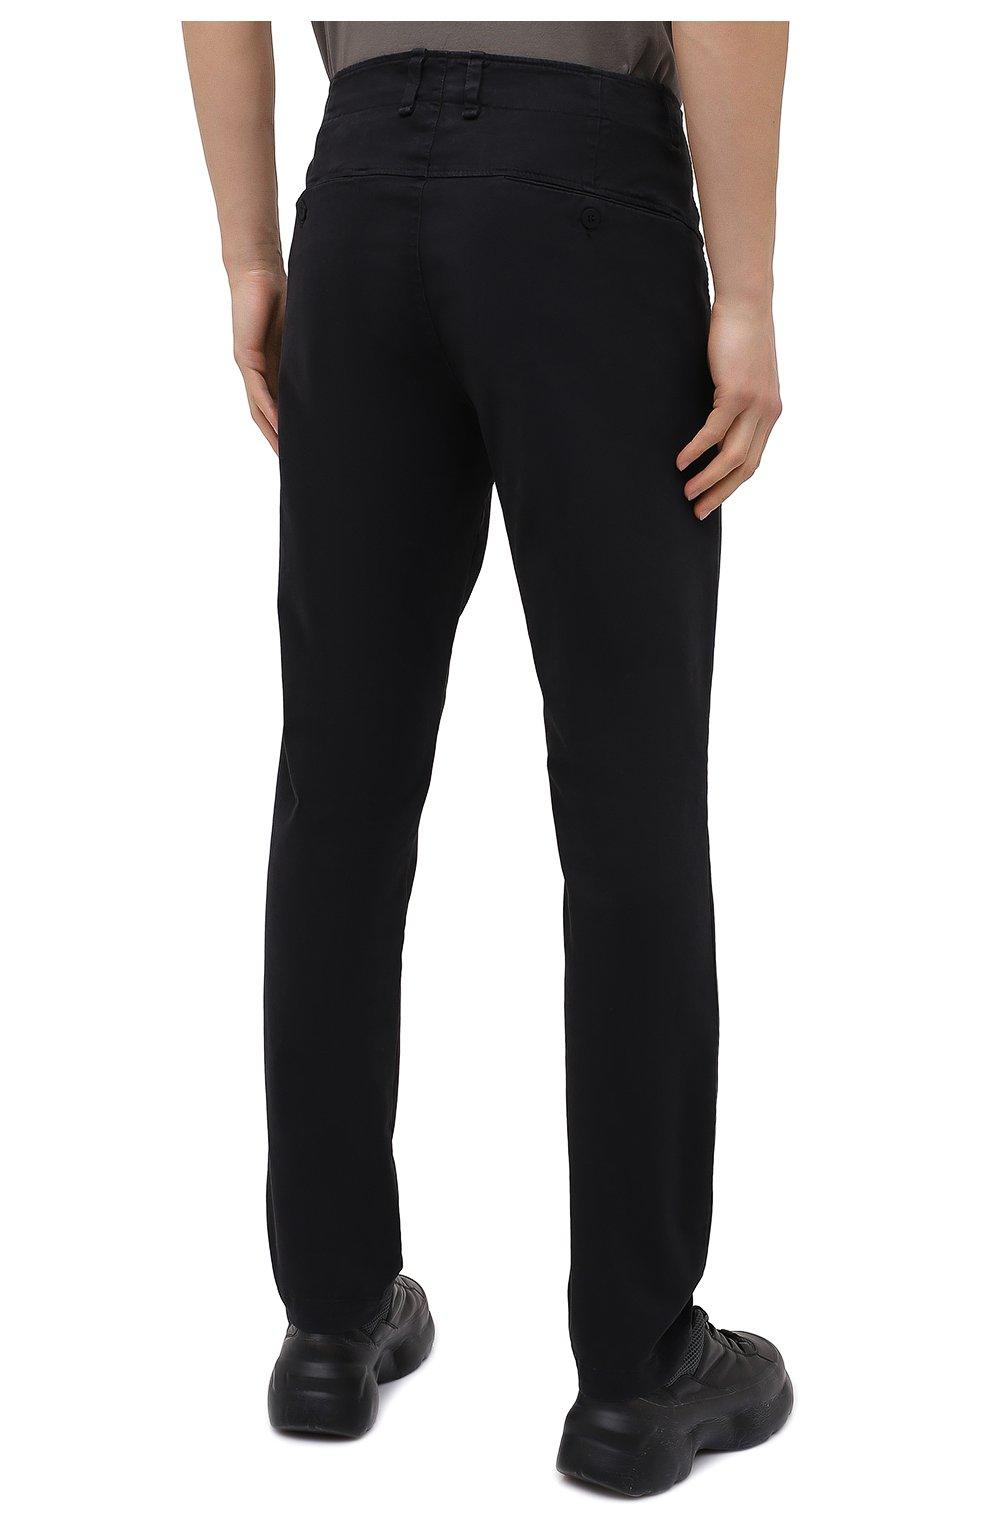 Мужские хлопковые брюки TRANSIT темно-серого цвета, арт. CFUTRMA100   Фото 4 (Силуэт М (брюки): Чиносы; Длина (брюки, джинсы): Стандартные; Случай: Повседневный; Материал внешний: Хлопок; Стили: Кэжуэл)